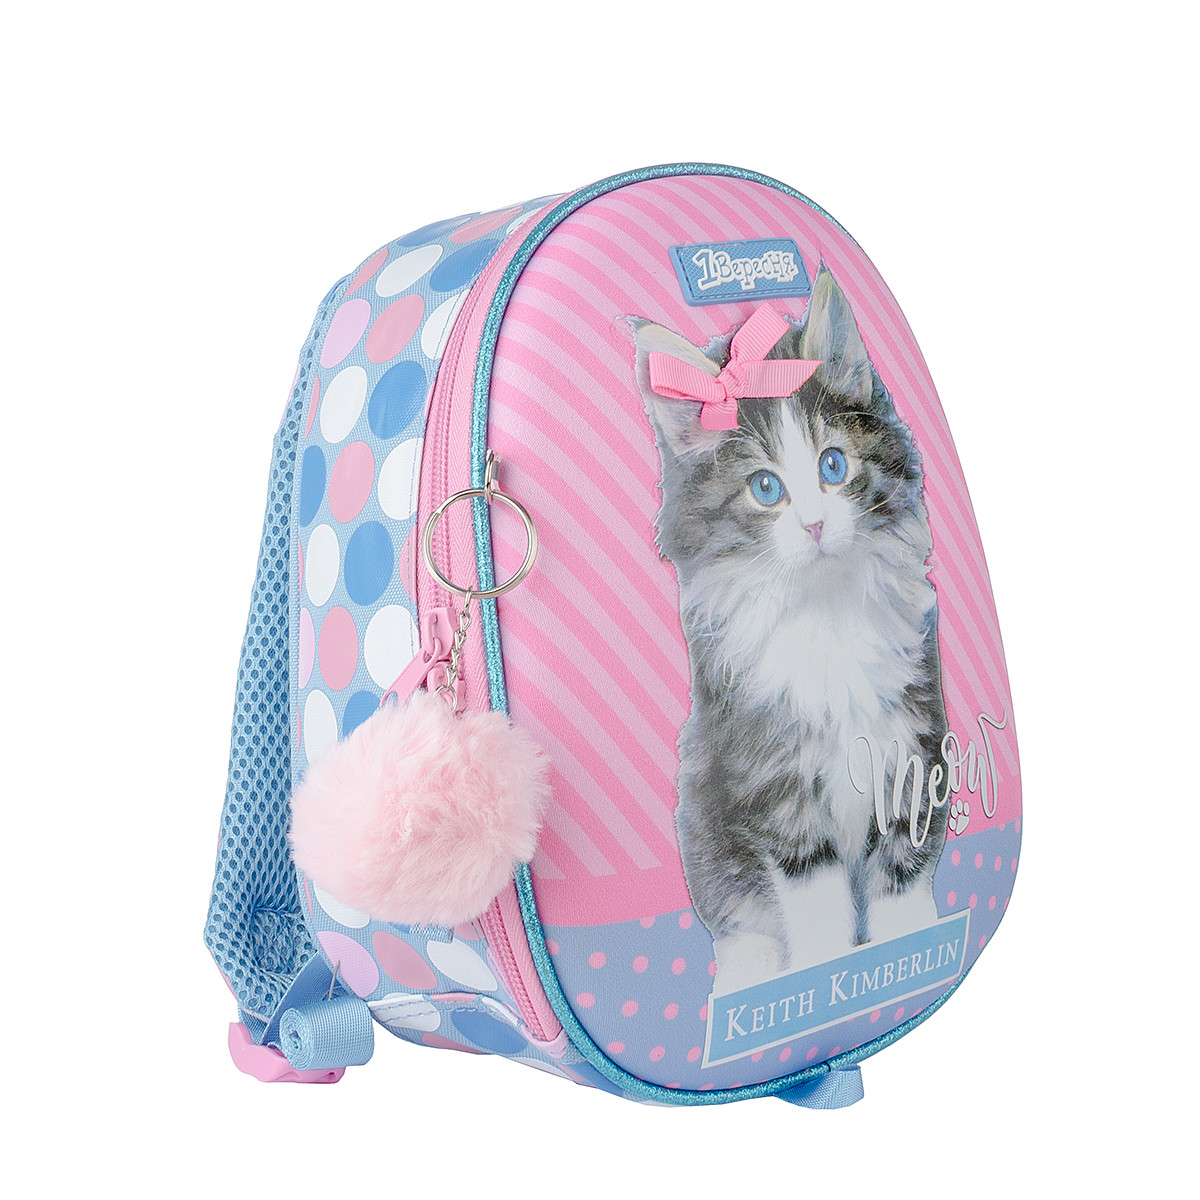 Рюкзак детский 1Вересня K-43 Keit Kimberlin код: 558545